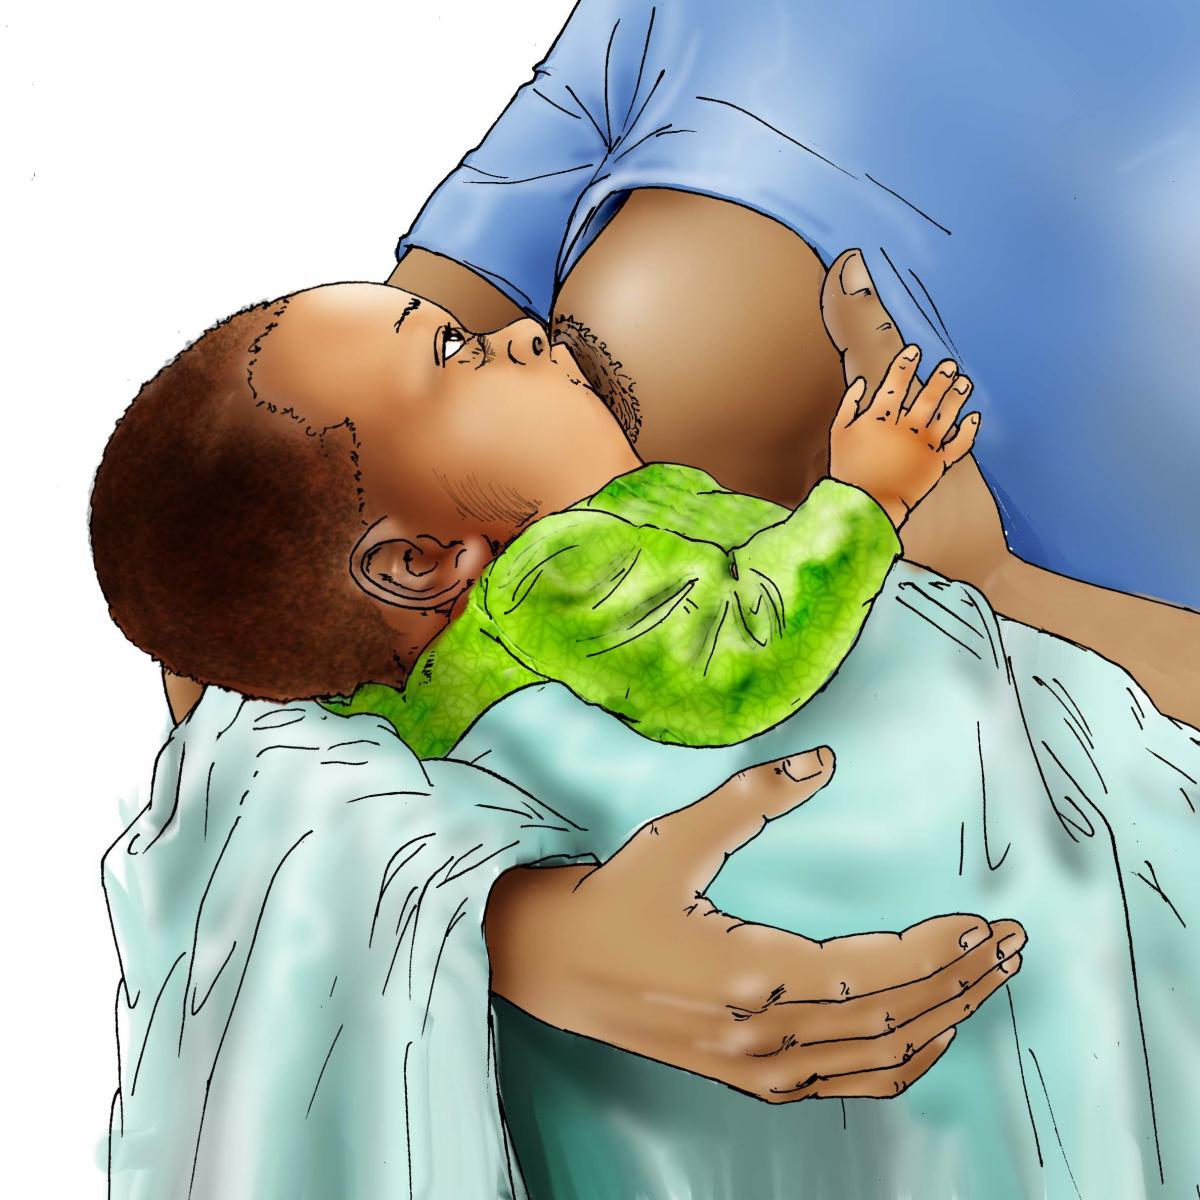 Breastfeeding - Breastfeeding attachment 0-6 mo - 06D - Nigeria